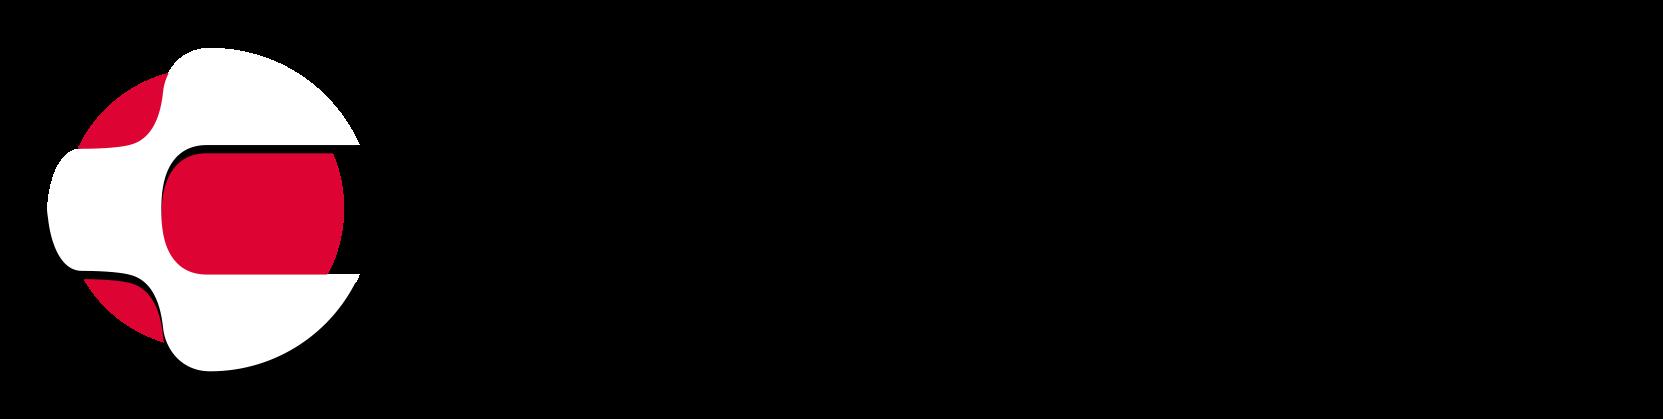 Consid AB